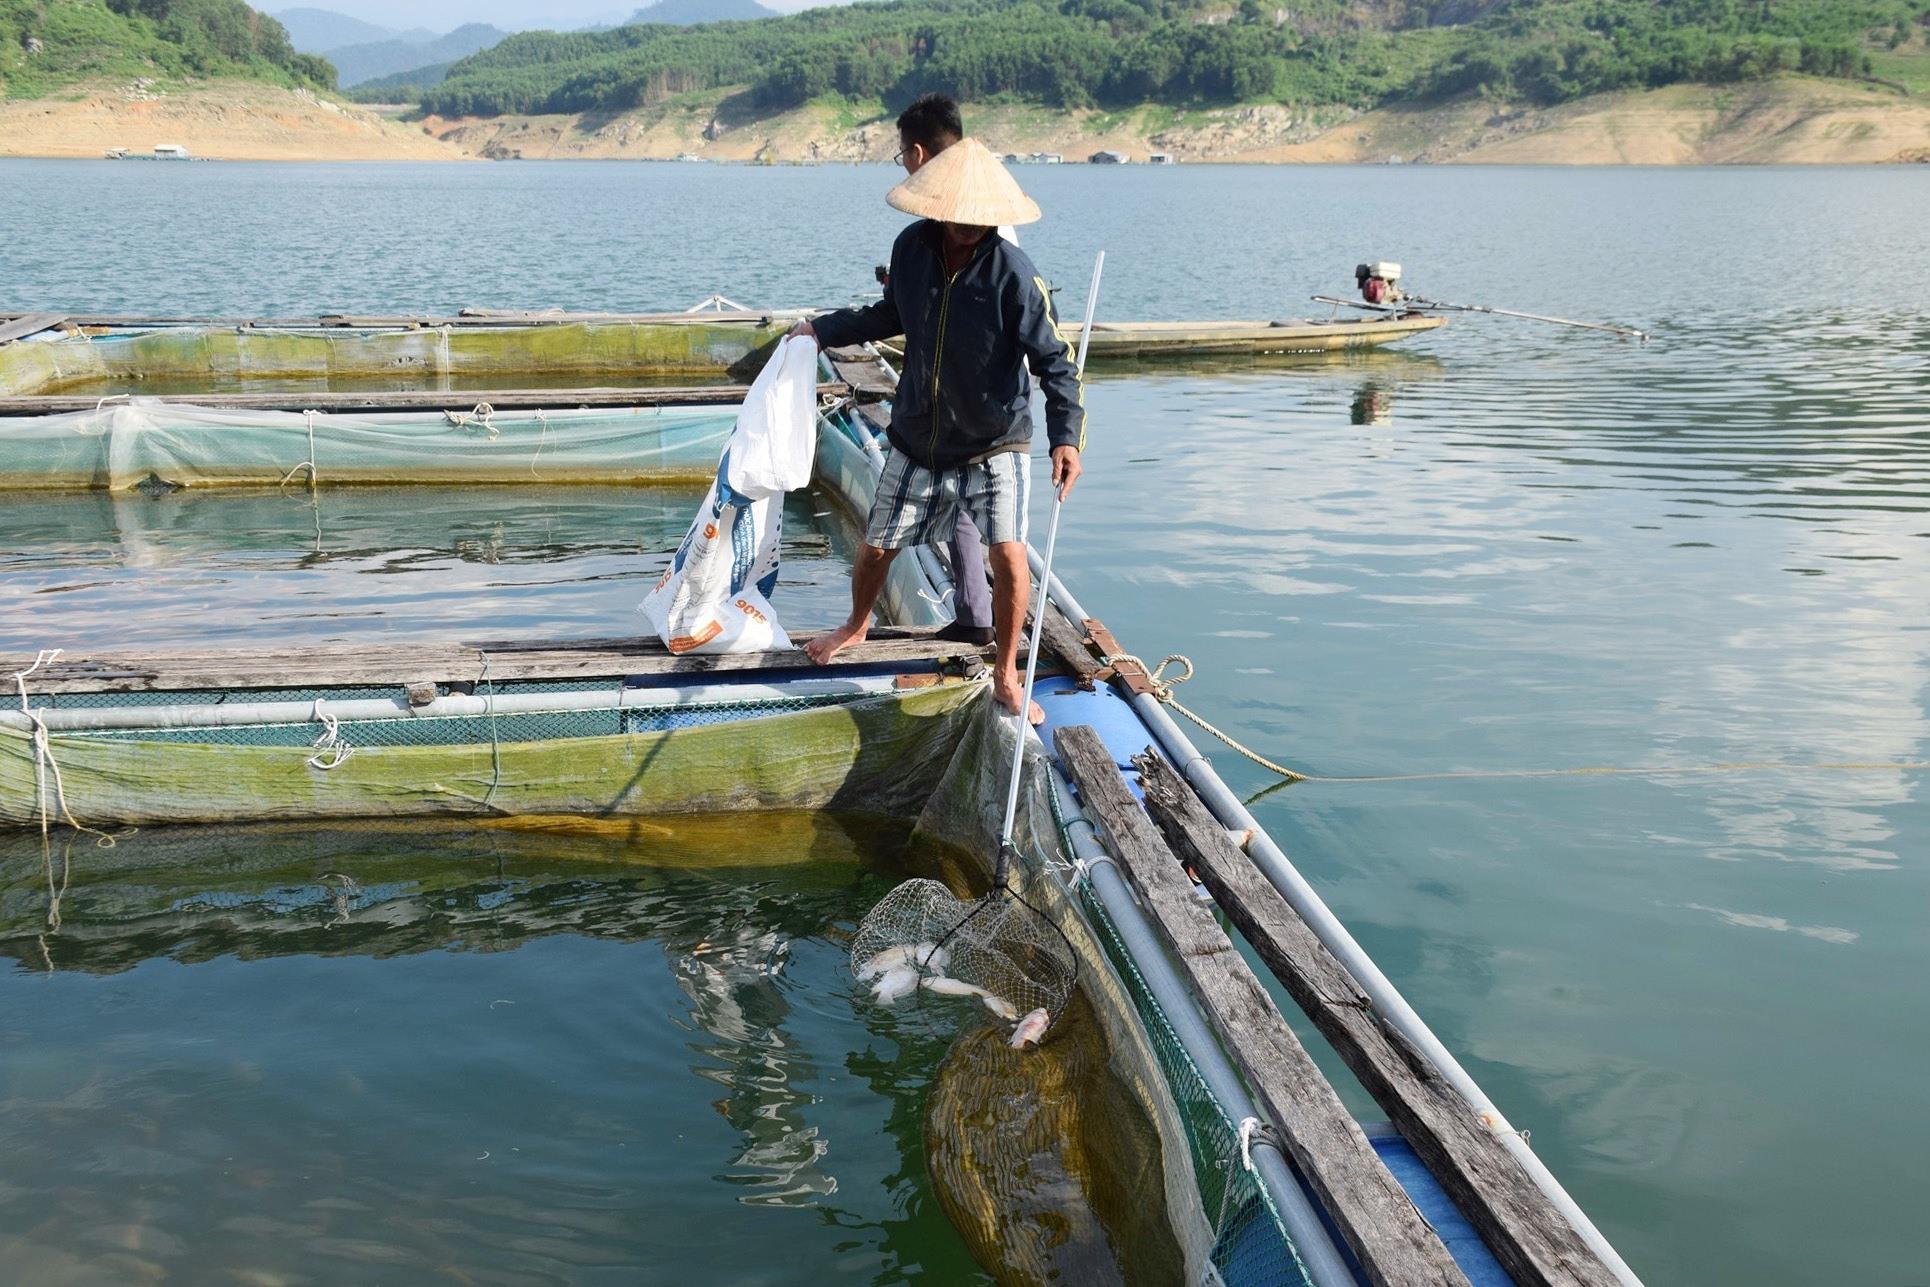 Người dân nuôi cá lồng bè ở thủy điện Sông Tranh 2 vớt cá chết đi tiêu hủy. Ảnh: THANH THẮNG